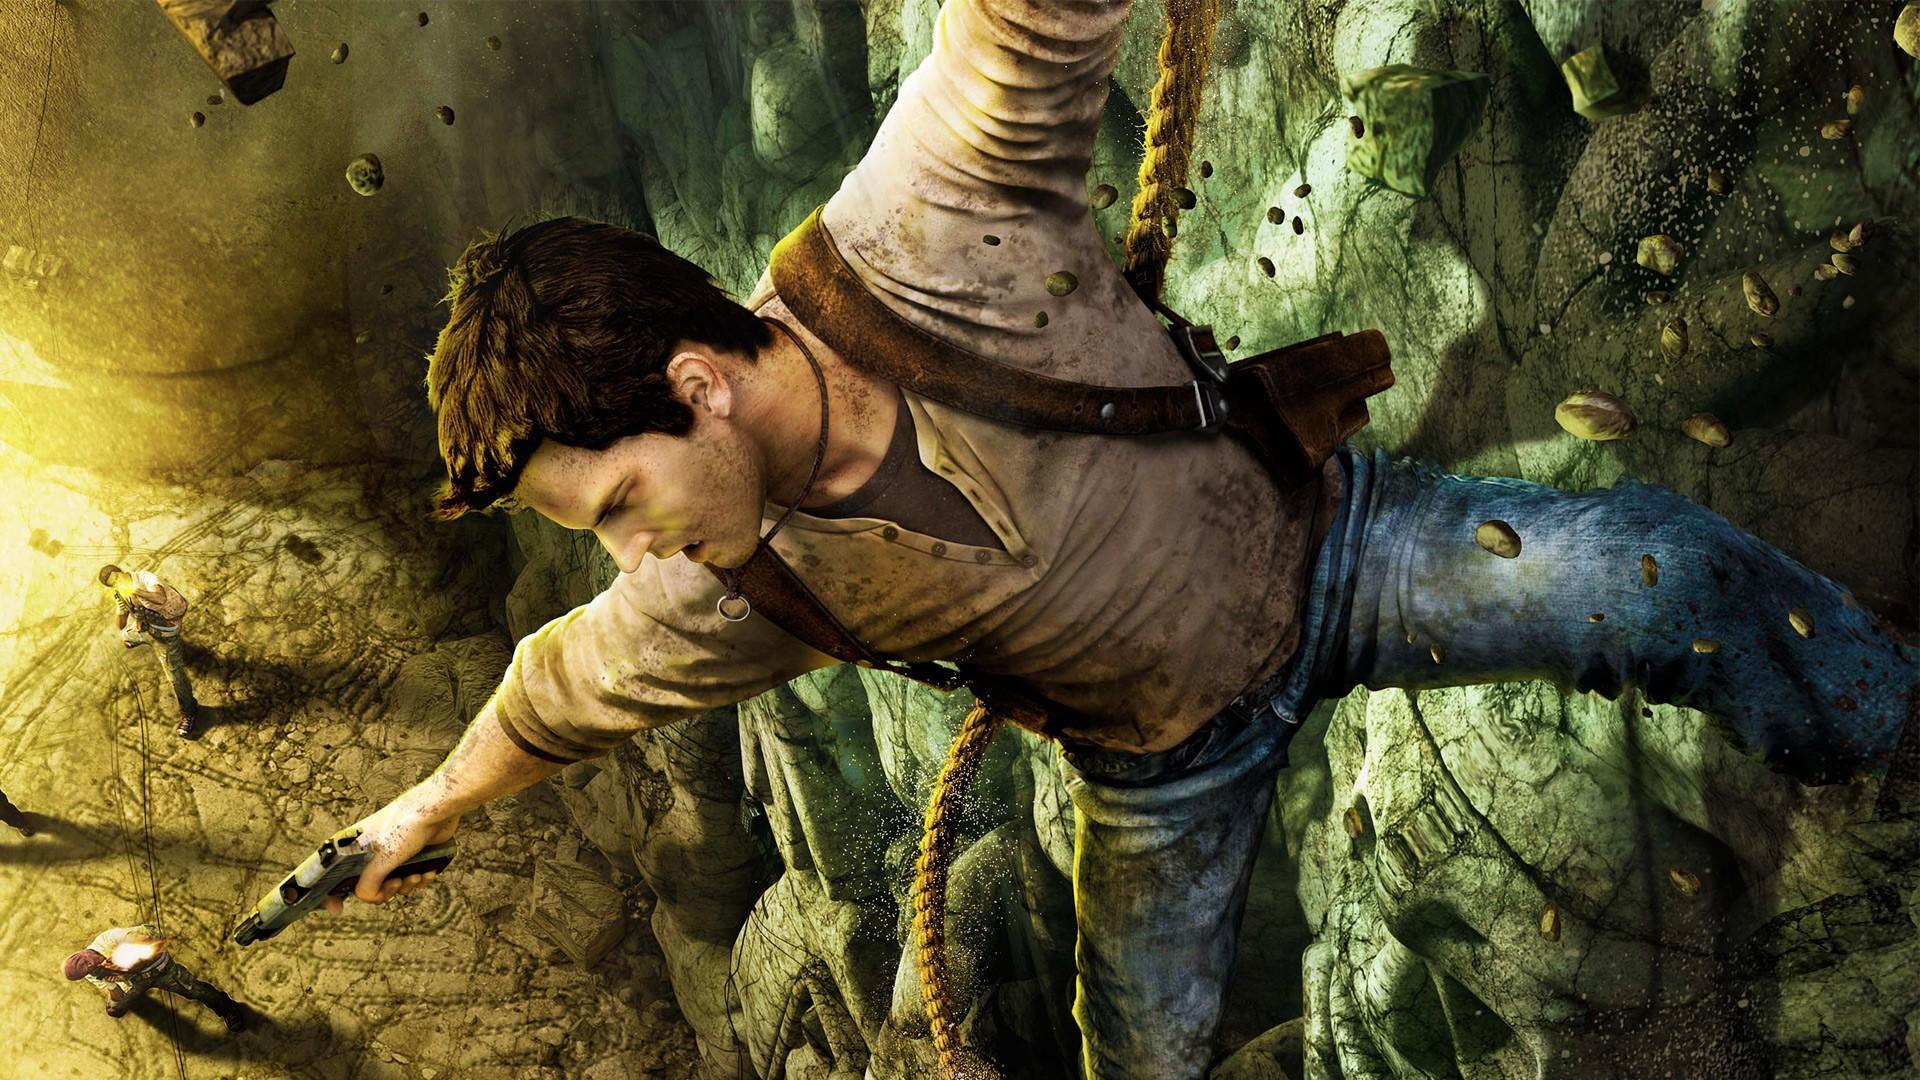 Sony-k doako jokoak ematen ditu Uncharted: Nathan Drake Collection eta Journey.  PS Plus ere ez duzu behar